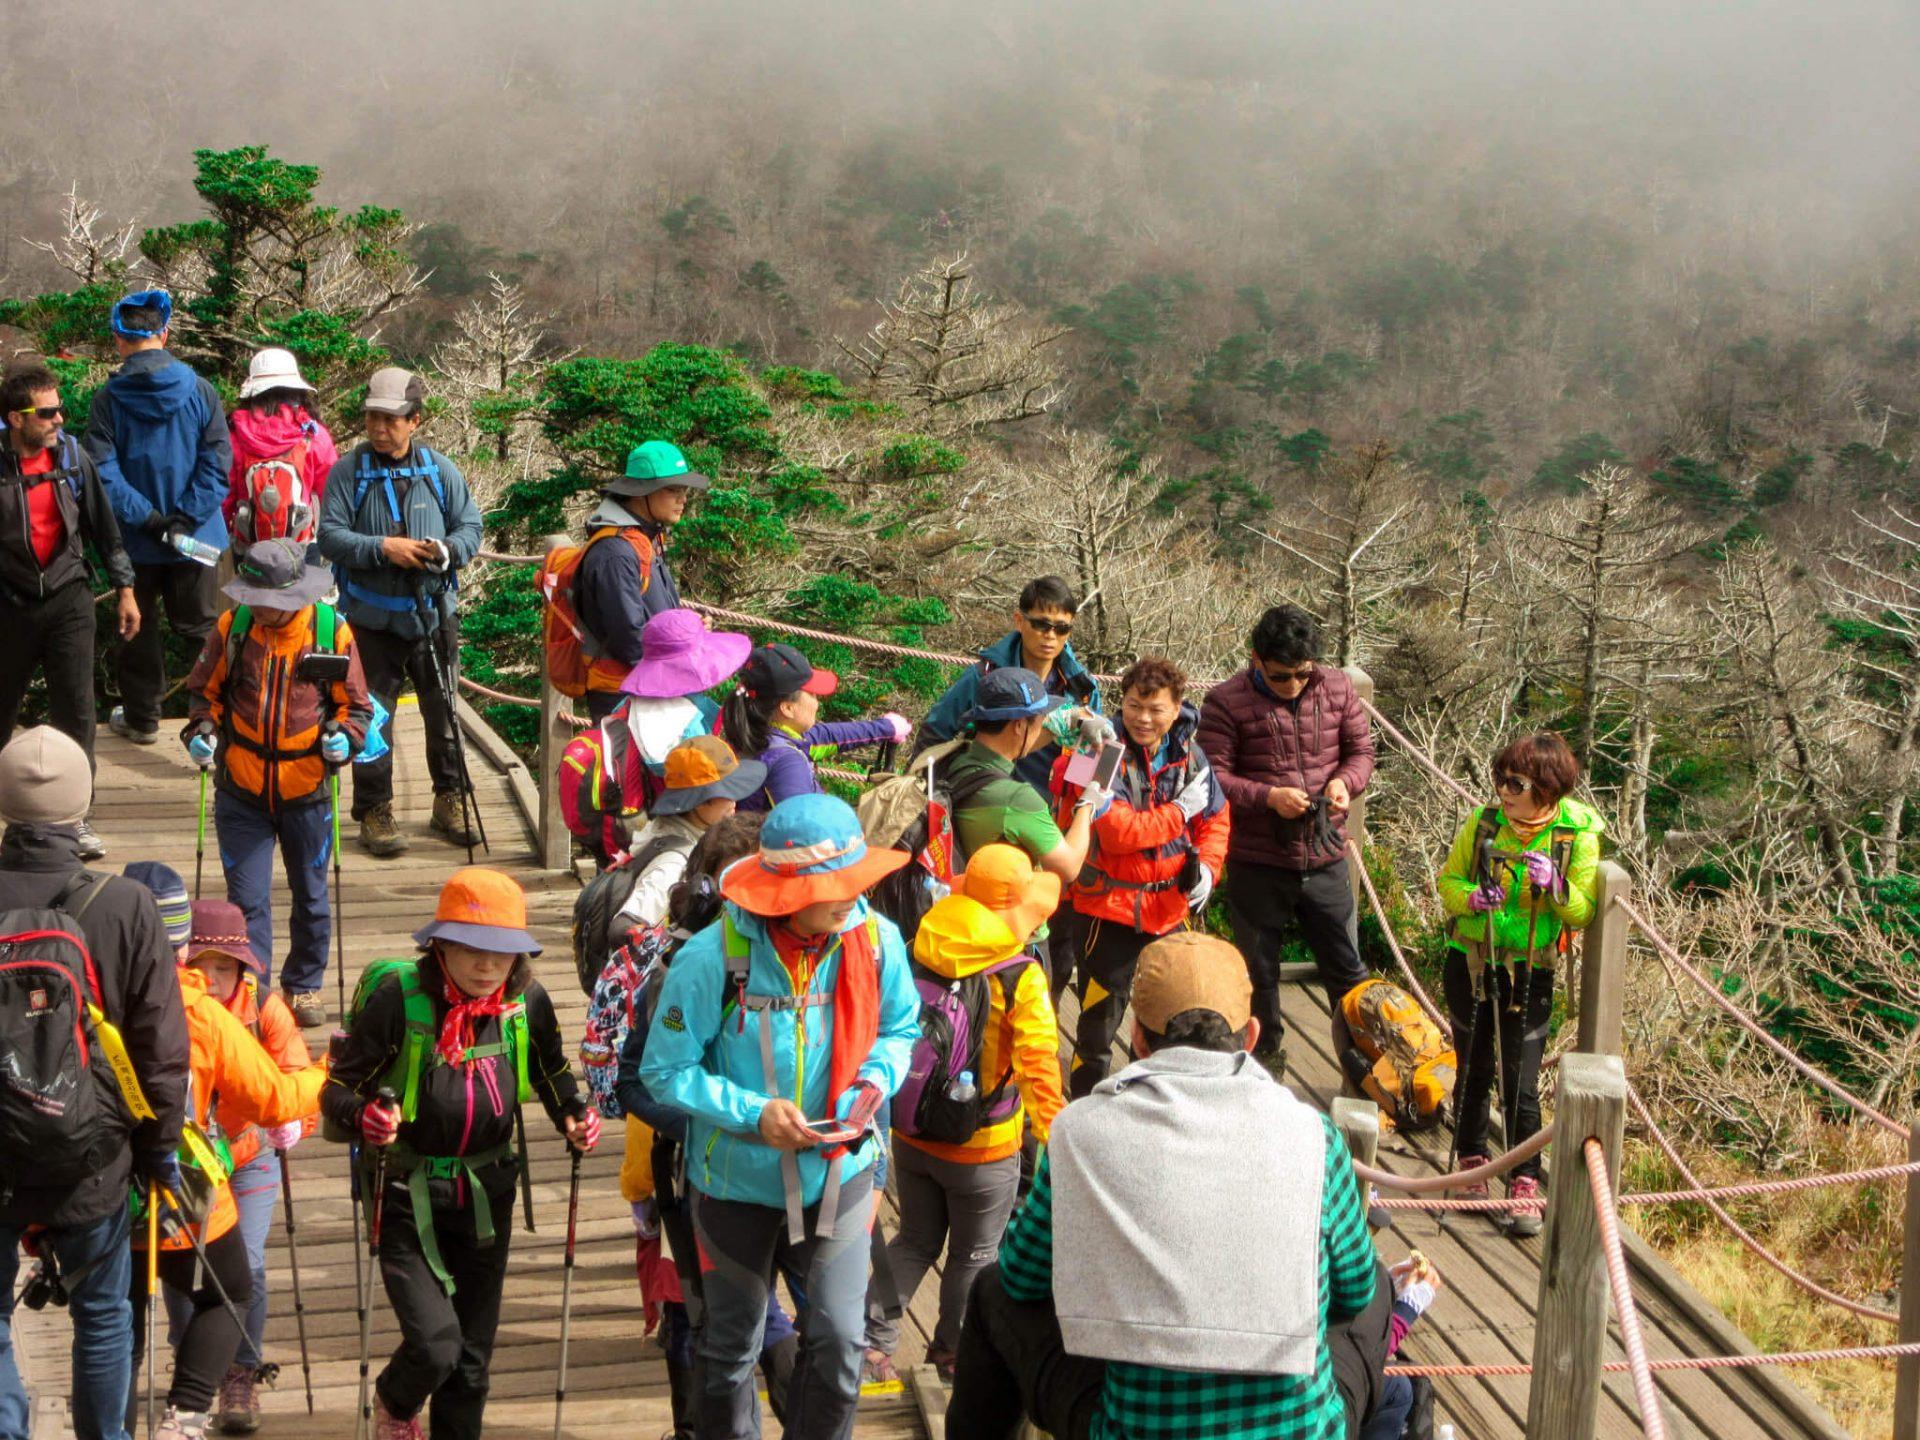 Zuid-Koreanen in felgekleurde hike kleding